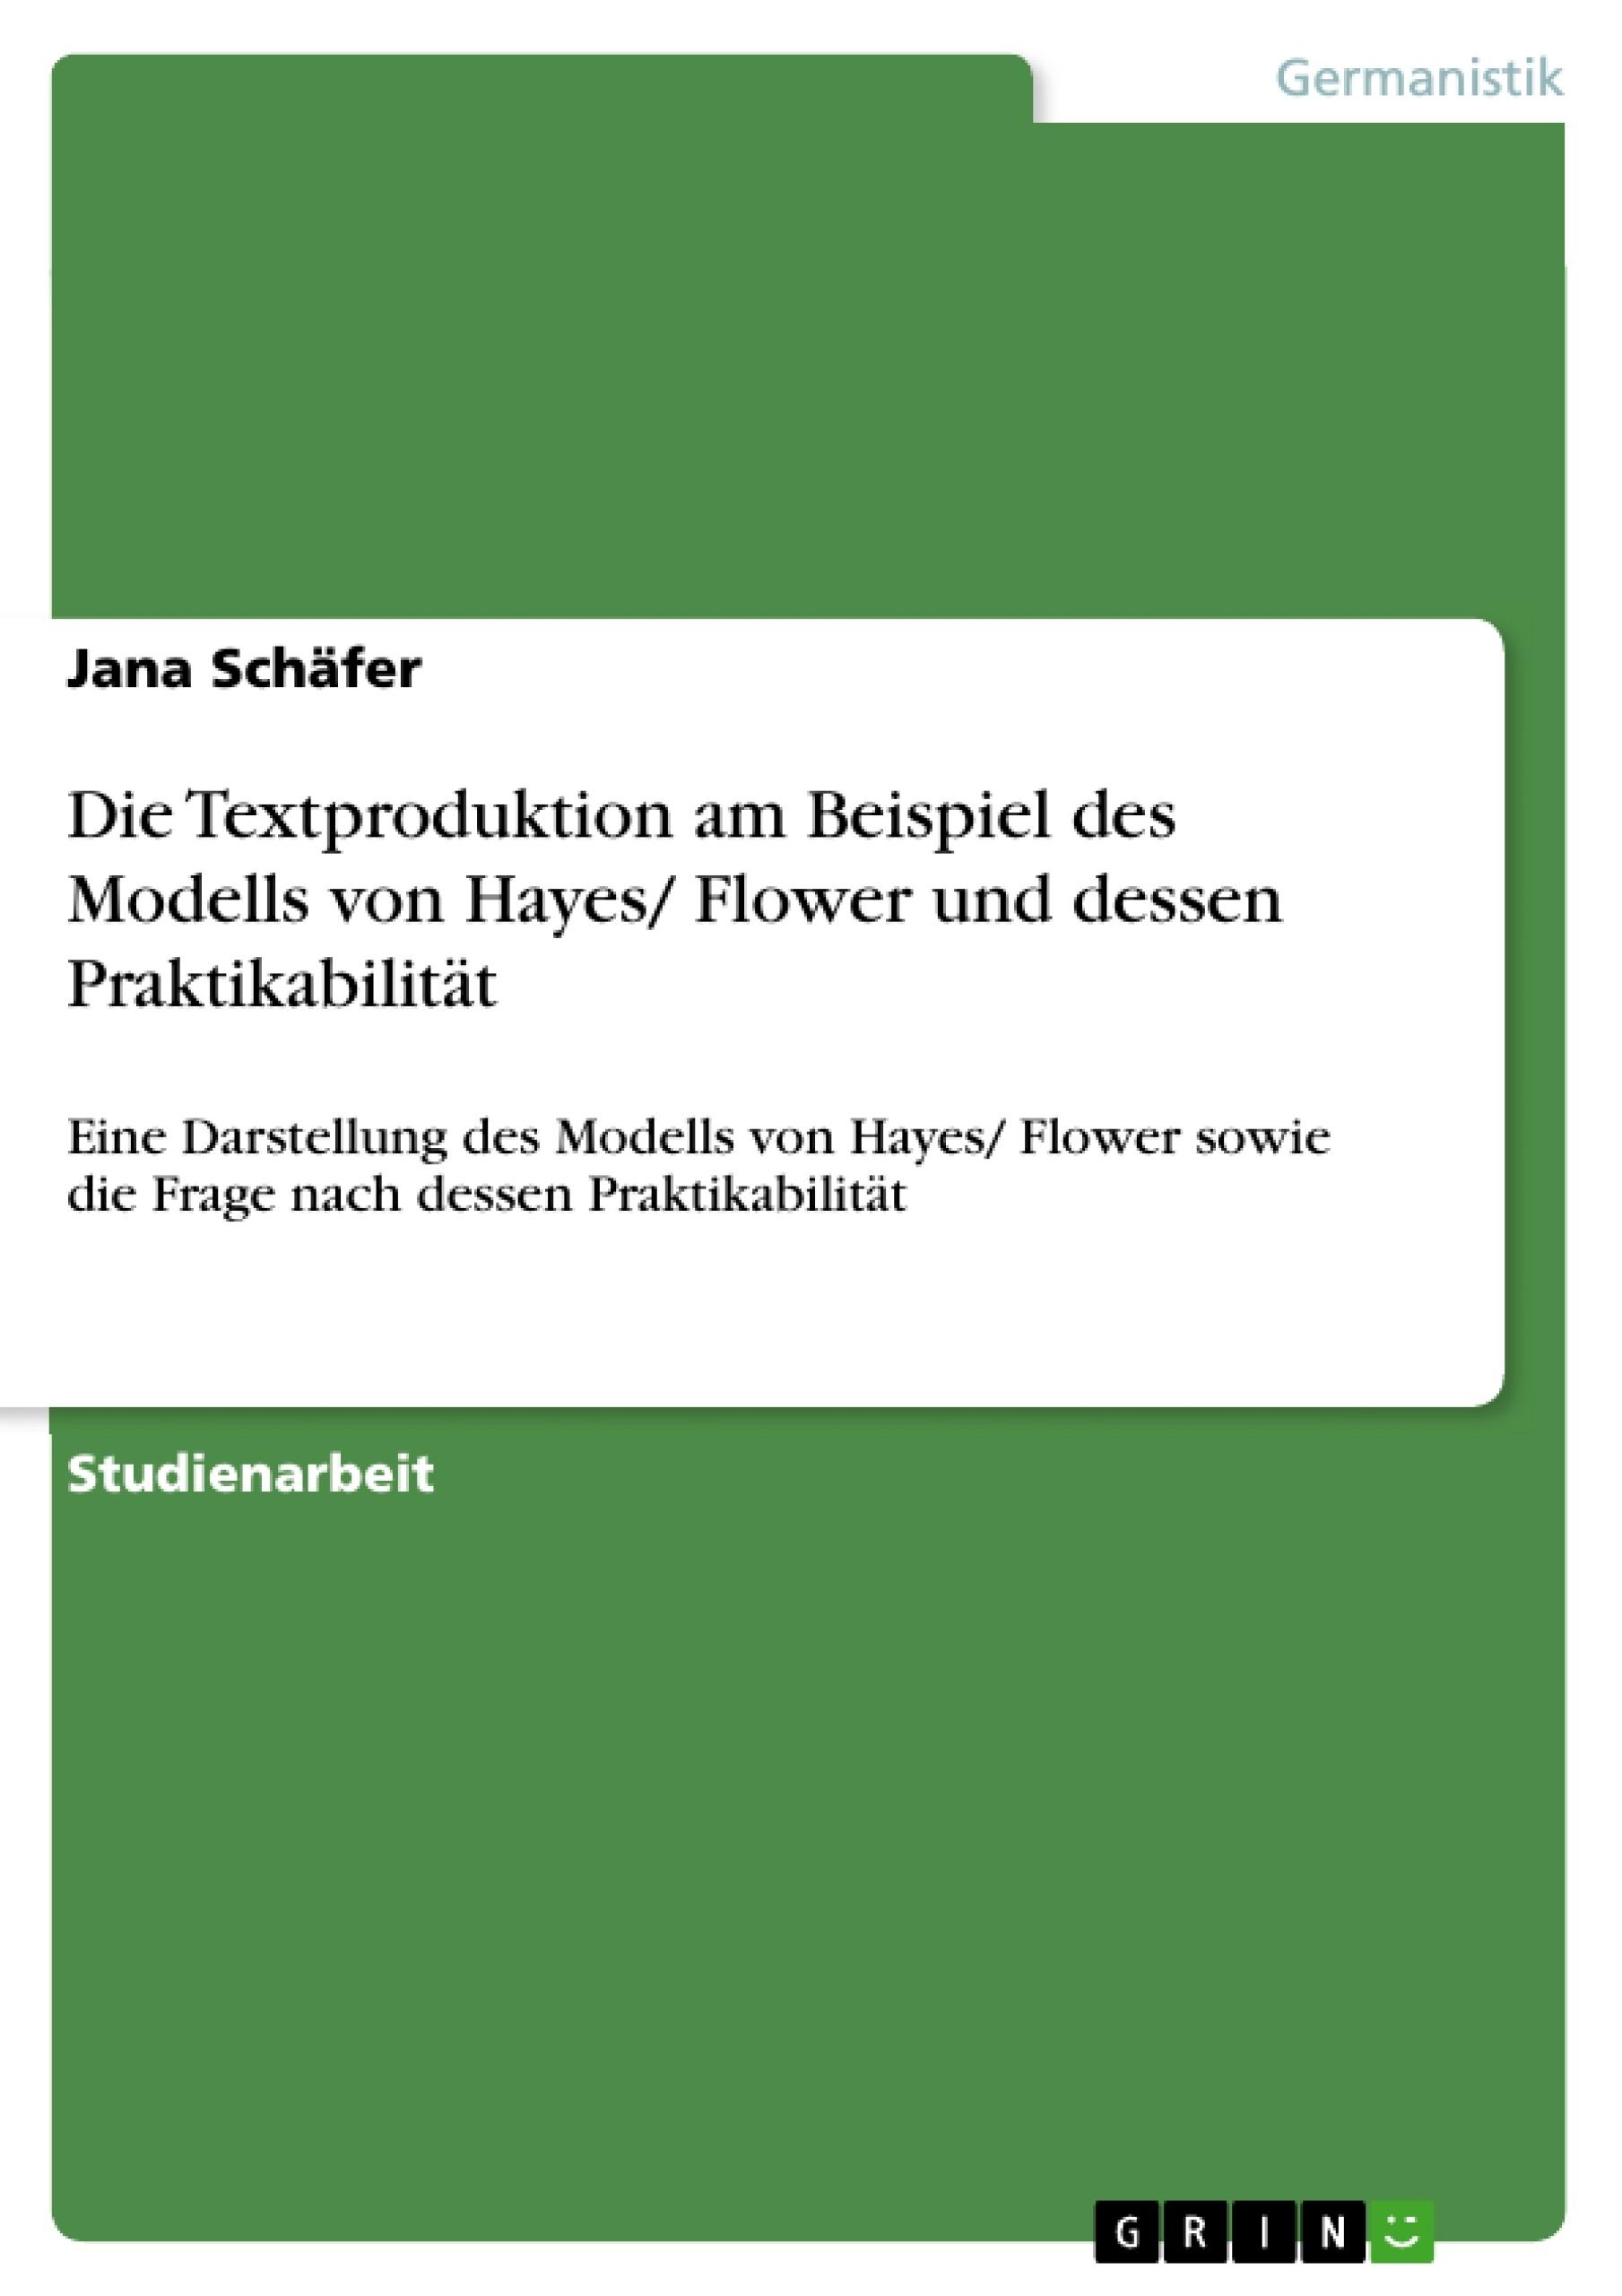 Titel: Die Textproduktion am Beispiel des Modells von Hayes/ Flower und dessen Praktikabilität